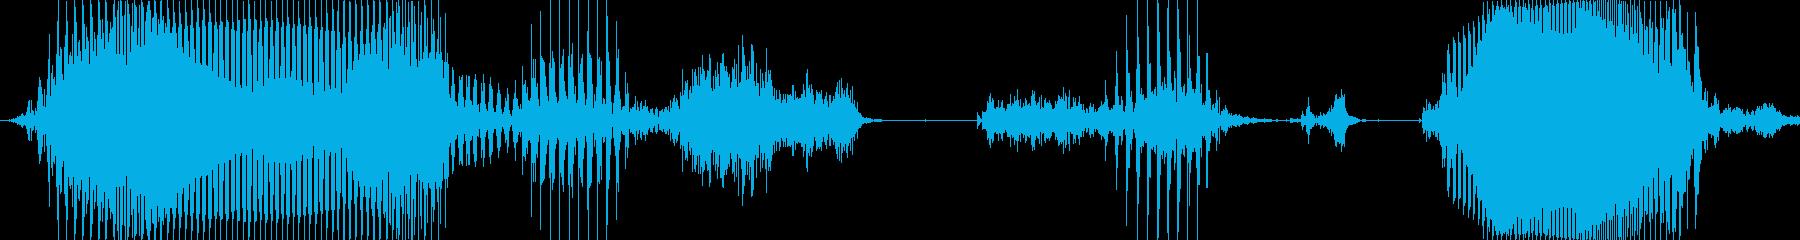 ボーナス確定!の再生済みの波形